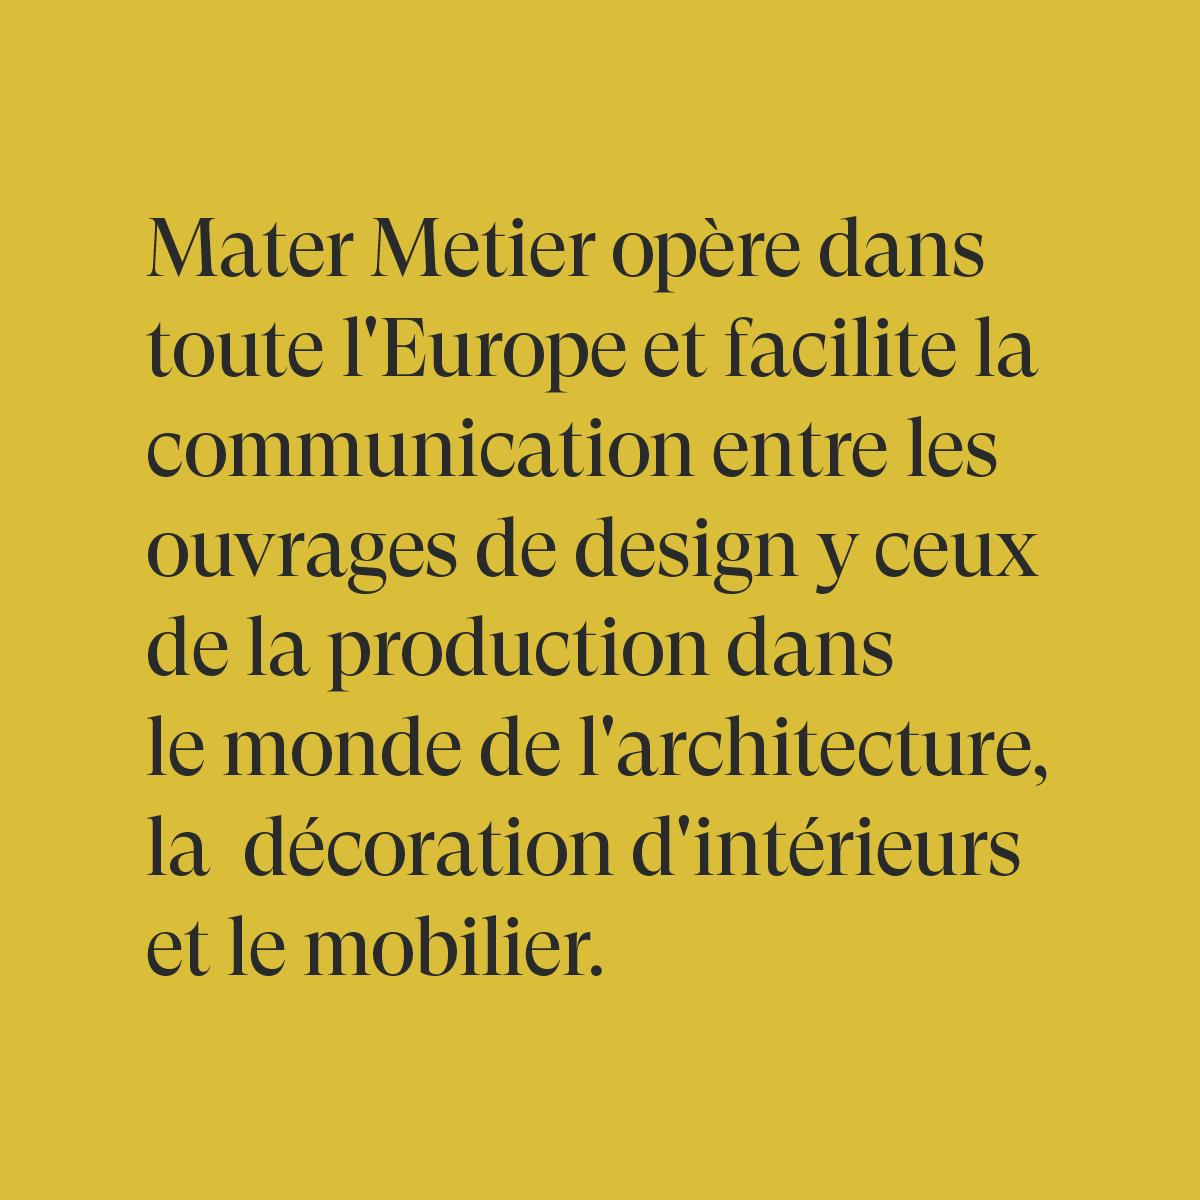 Mater Metier